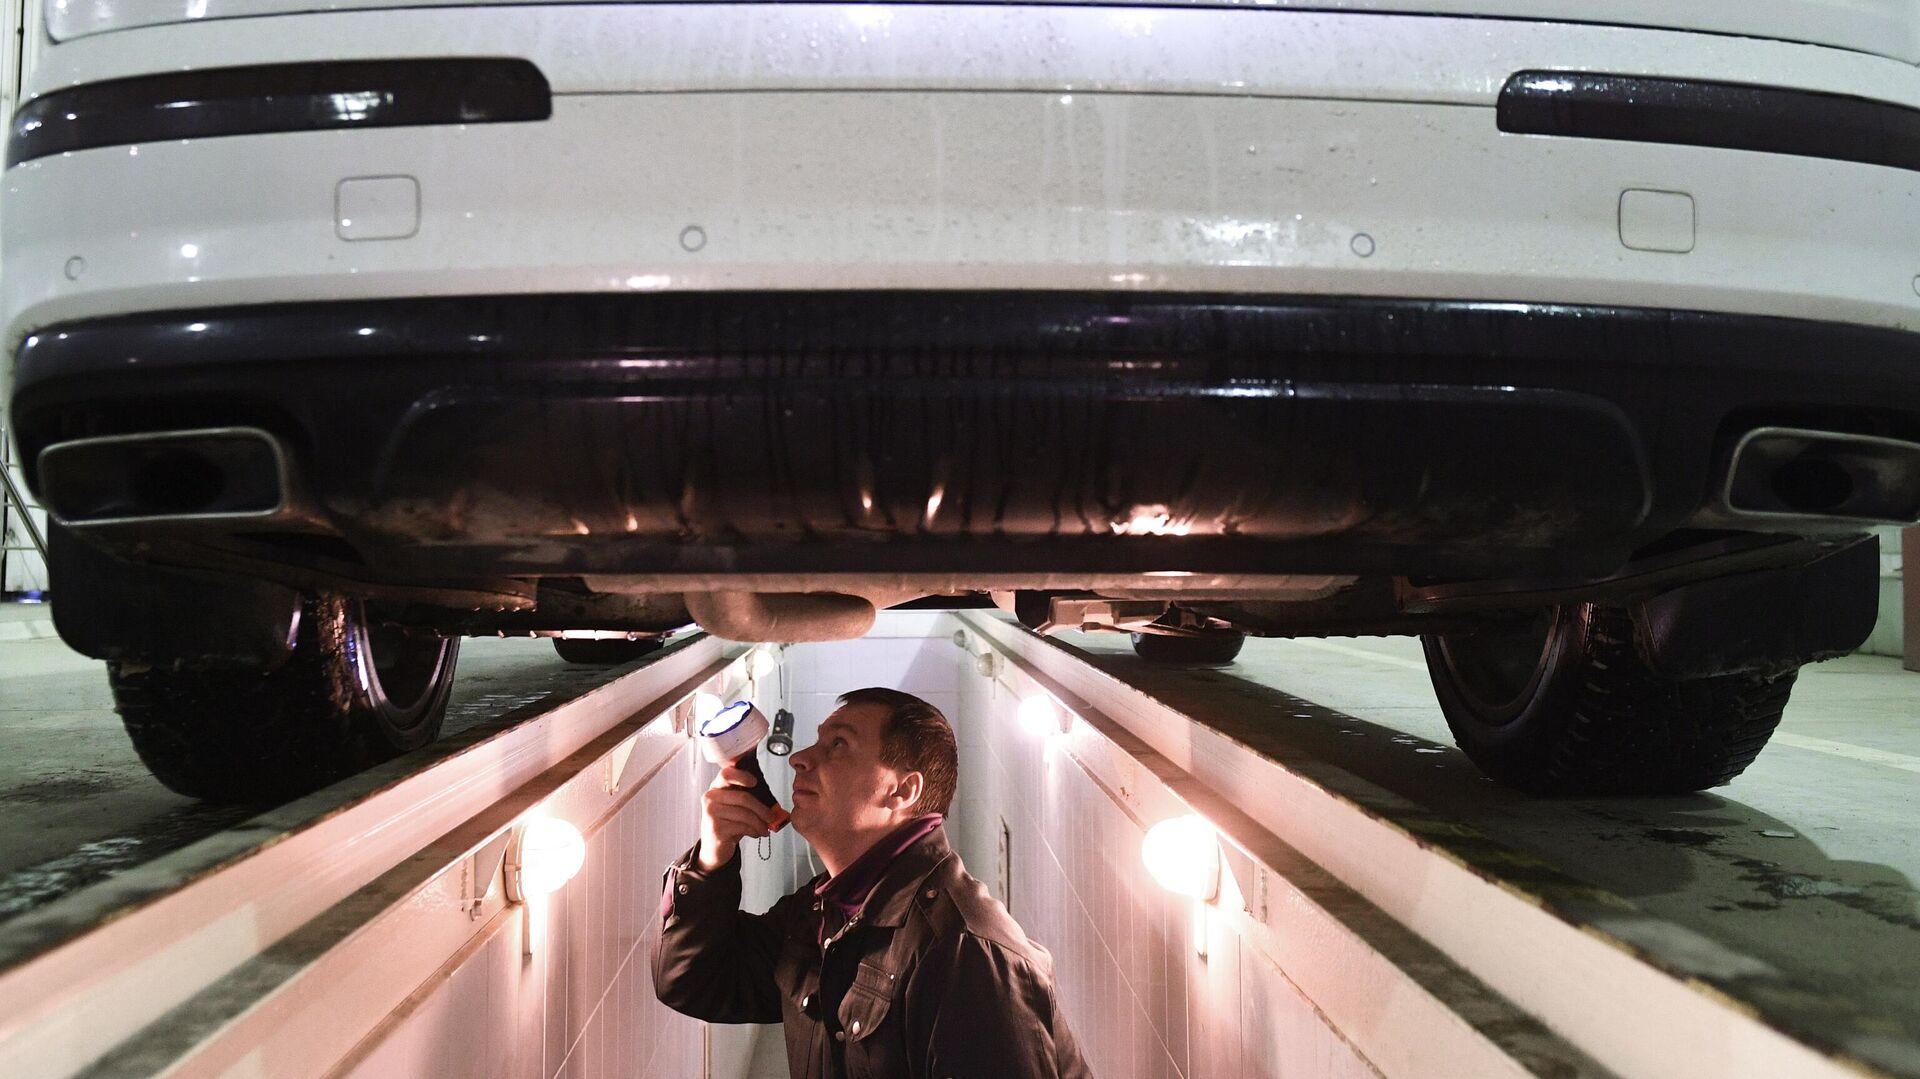 Технический эксперт проводит осмотр автомобиля на пункте техосмотра в Новосибирске - РИА Новости, 1920, 16.02.2021